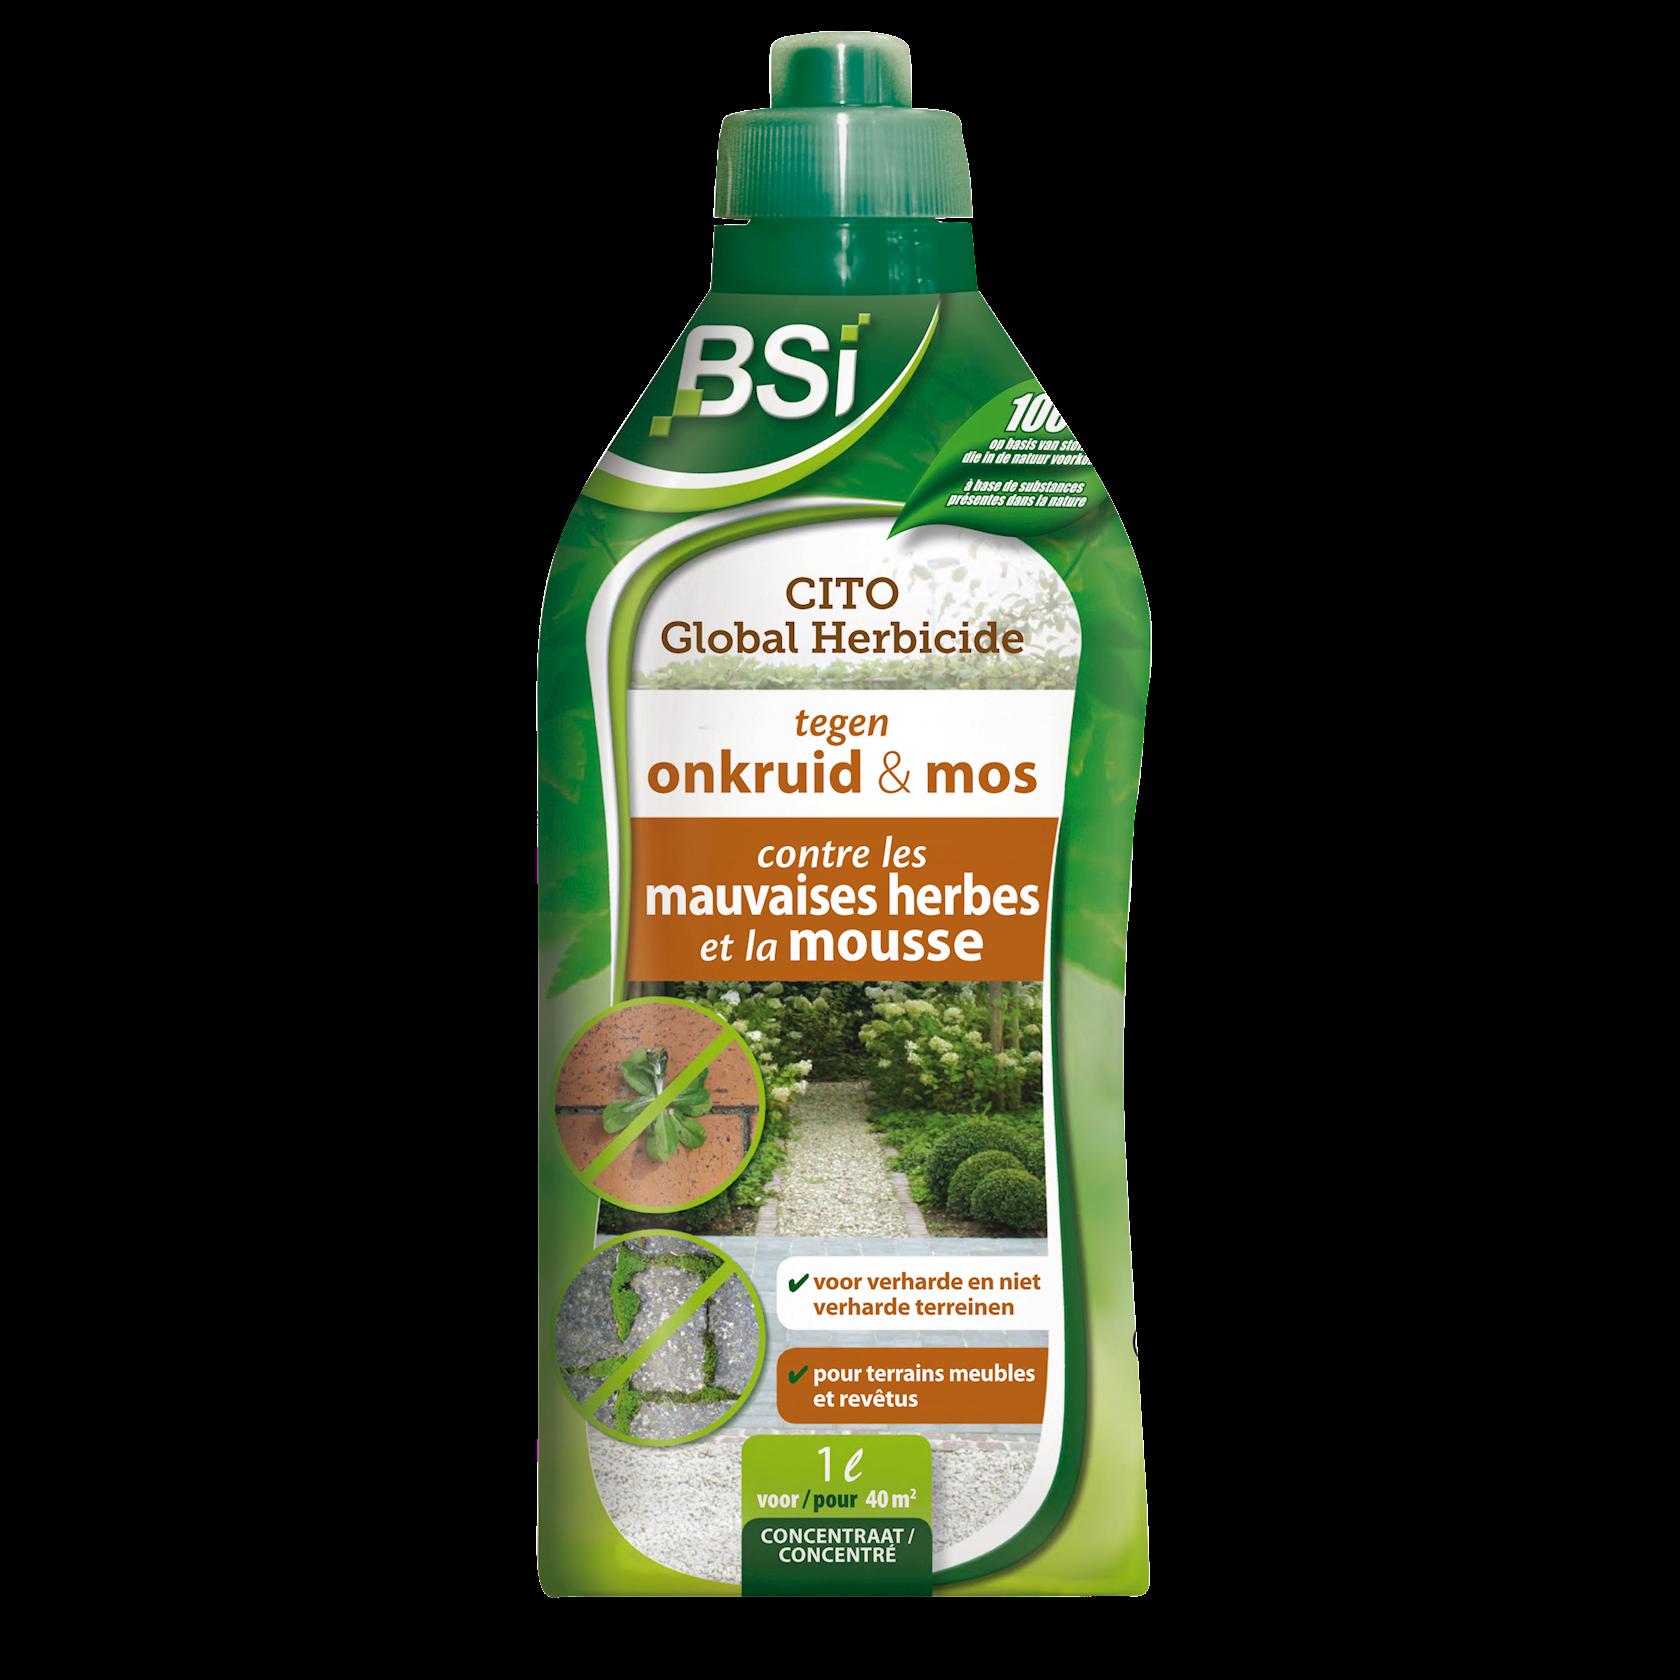 Cito global natuurlijke onkruidverdelger & mosverdelger 1L voor 40 m² (azijnzuur)